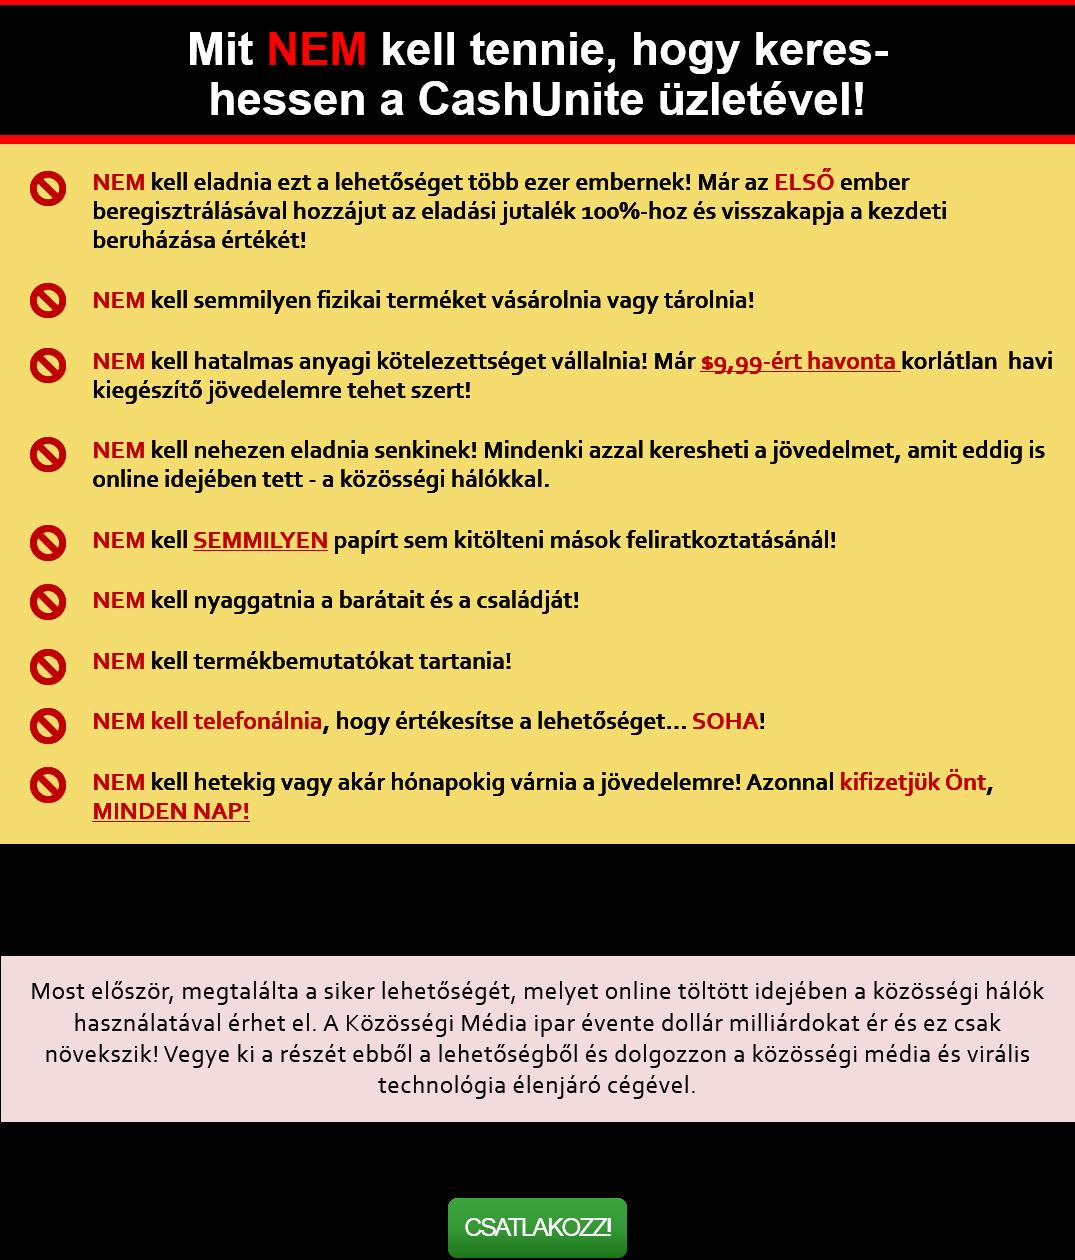 Médiafelügyeleti tevékenység internetes sajtóterméknek minősülő oldalak esetén